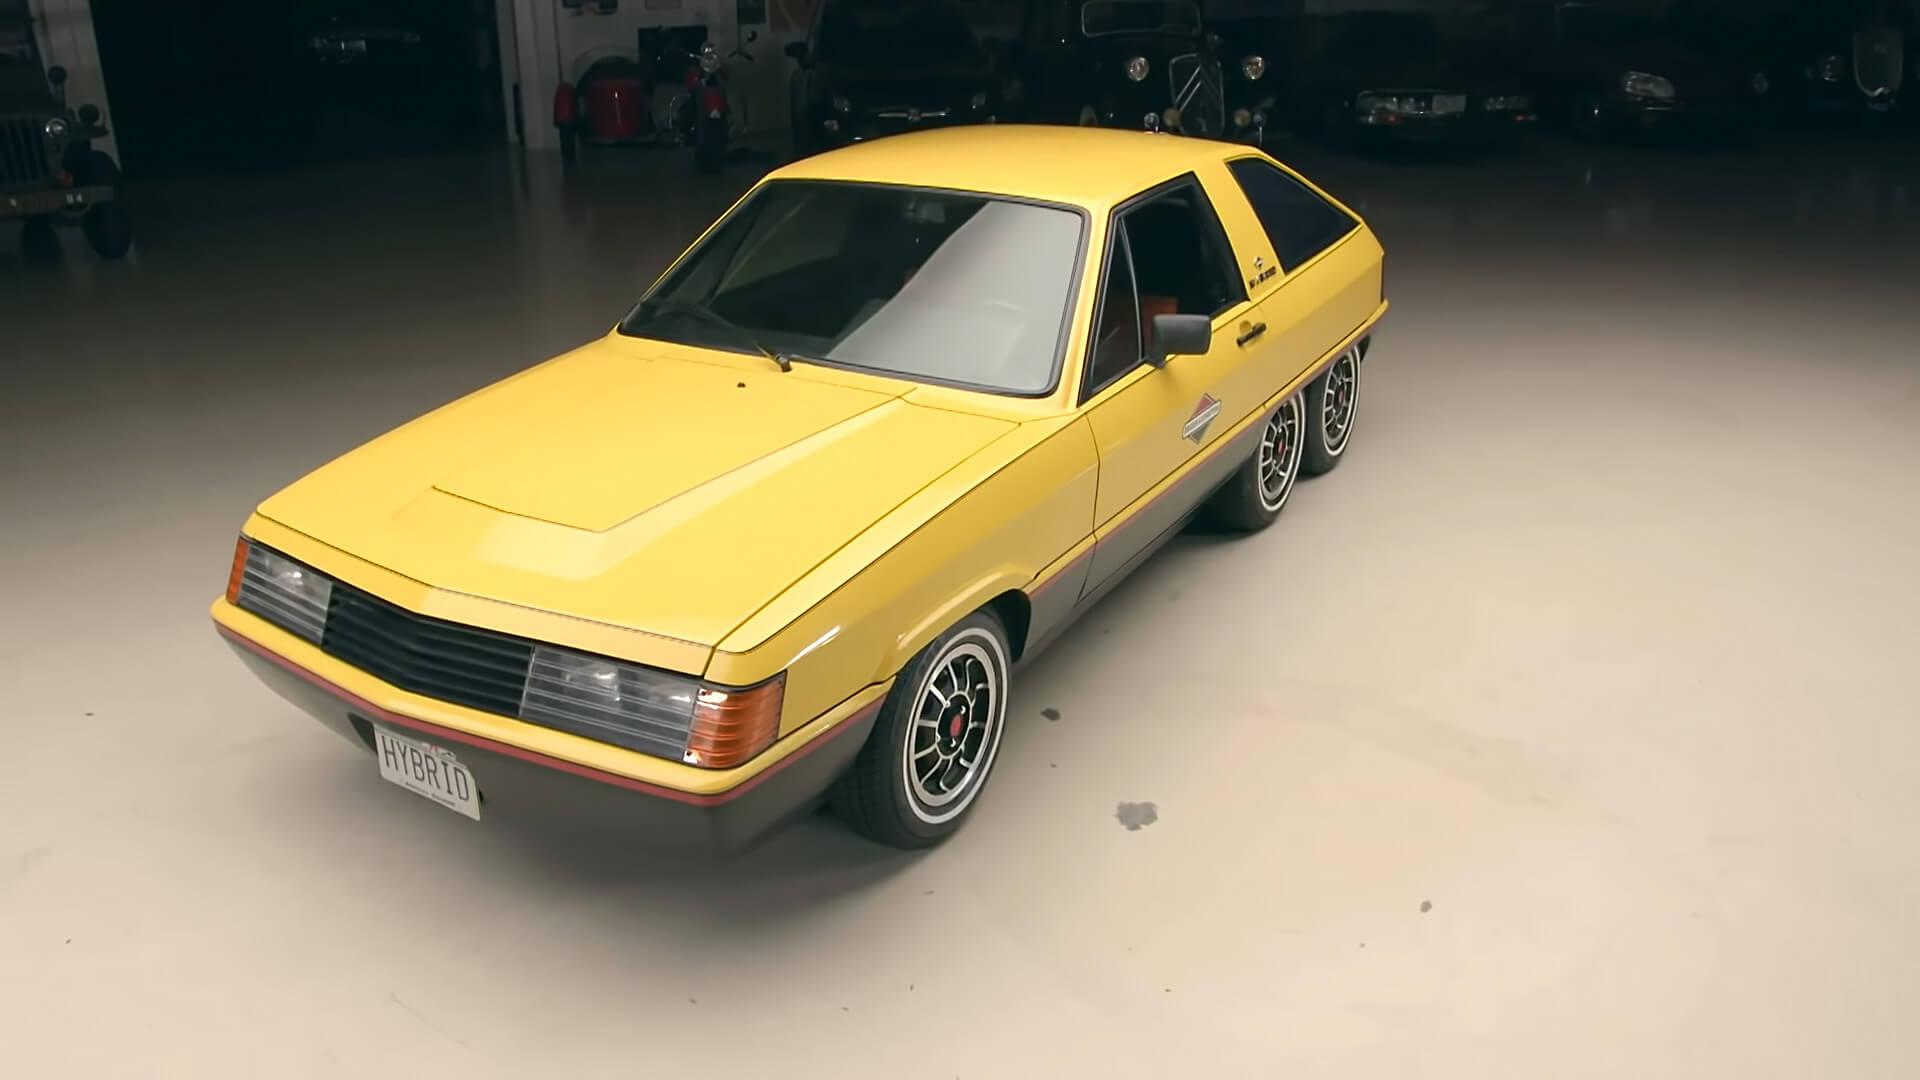 Концептуальный автомобиль Briggs & Stratton Hybrid 1980 года имел корпус из стекловолокна для компенсации веса 12 аккумуляторов